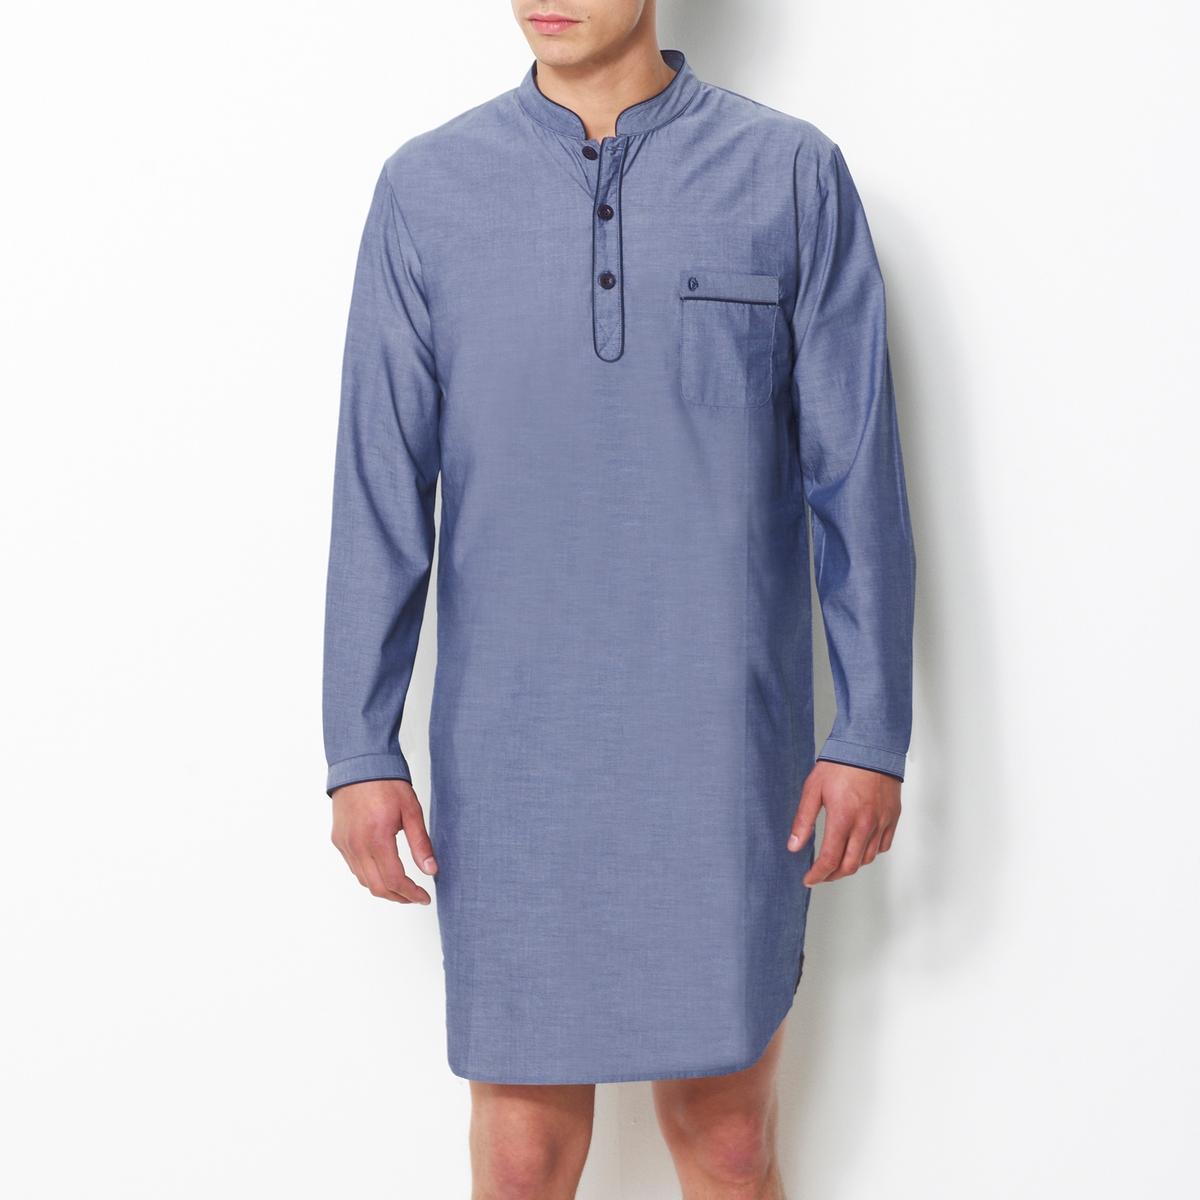 Пижама-рубашка в полоску из поплинаПижама-рубашка в полоску из поплина, 100% хлопок с окрашенными волокнами. Длинные рукава. Воротник-стойка с застежкой на 3 пуговицы. 1 нагрудный карман с вышивкой. Длина 100 см.<br><br>Цвет: синяя полоска,шамбрэ<br>Размер: M.S.L.M